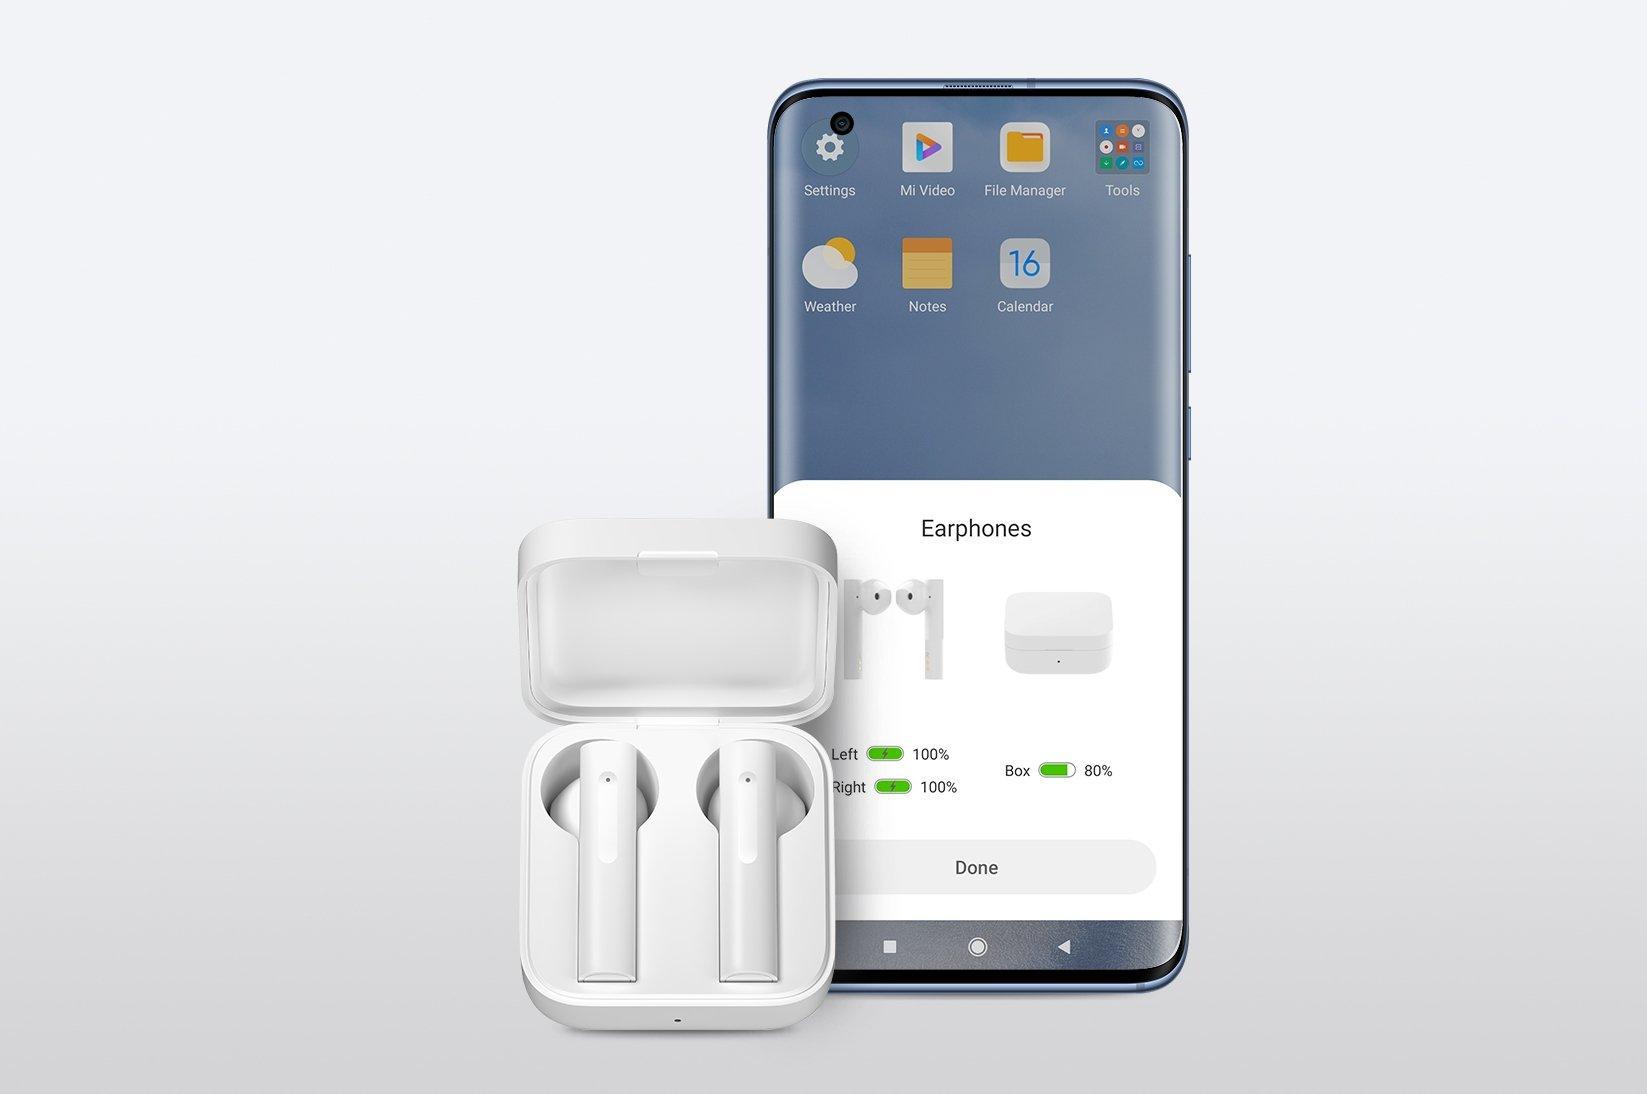 Tai nghe không dây] Mi True Wireless Earphones 2 Basic | Mi Store by  Digiworld - Cửa hàng Ủy quyền Chính thức của Xiaomi